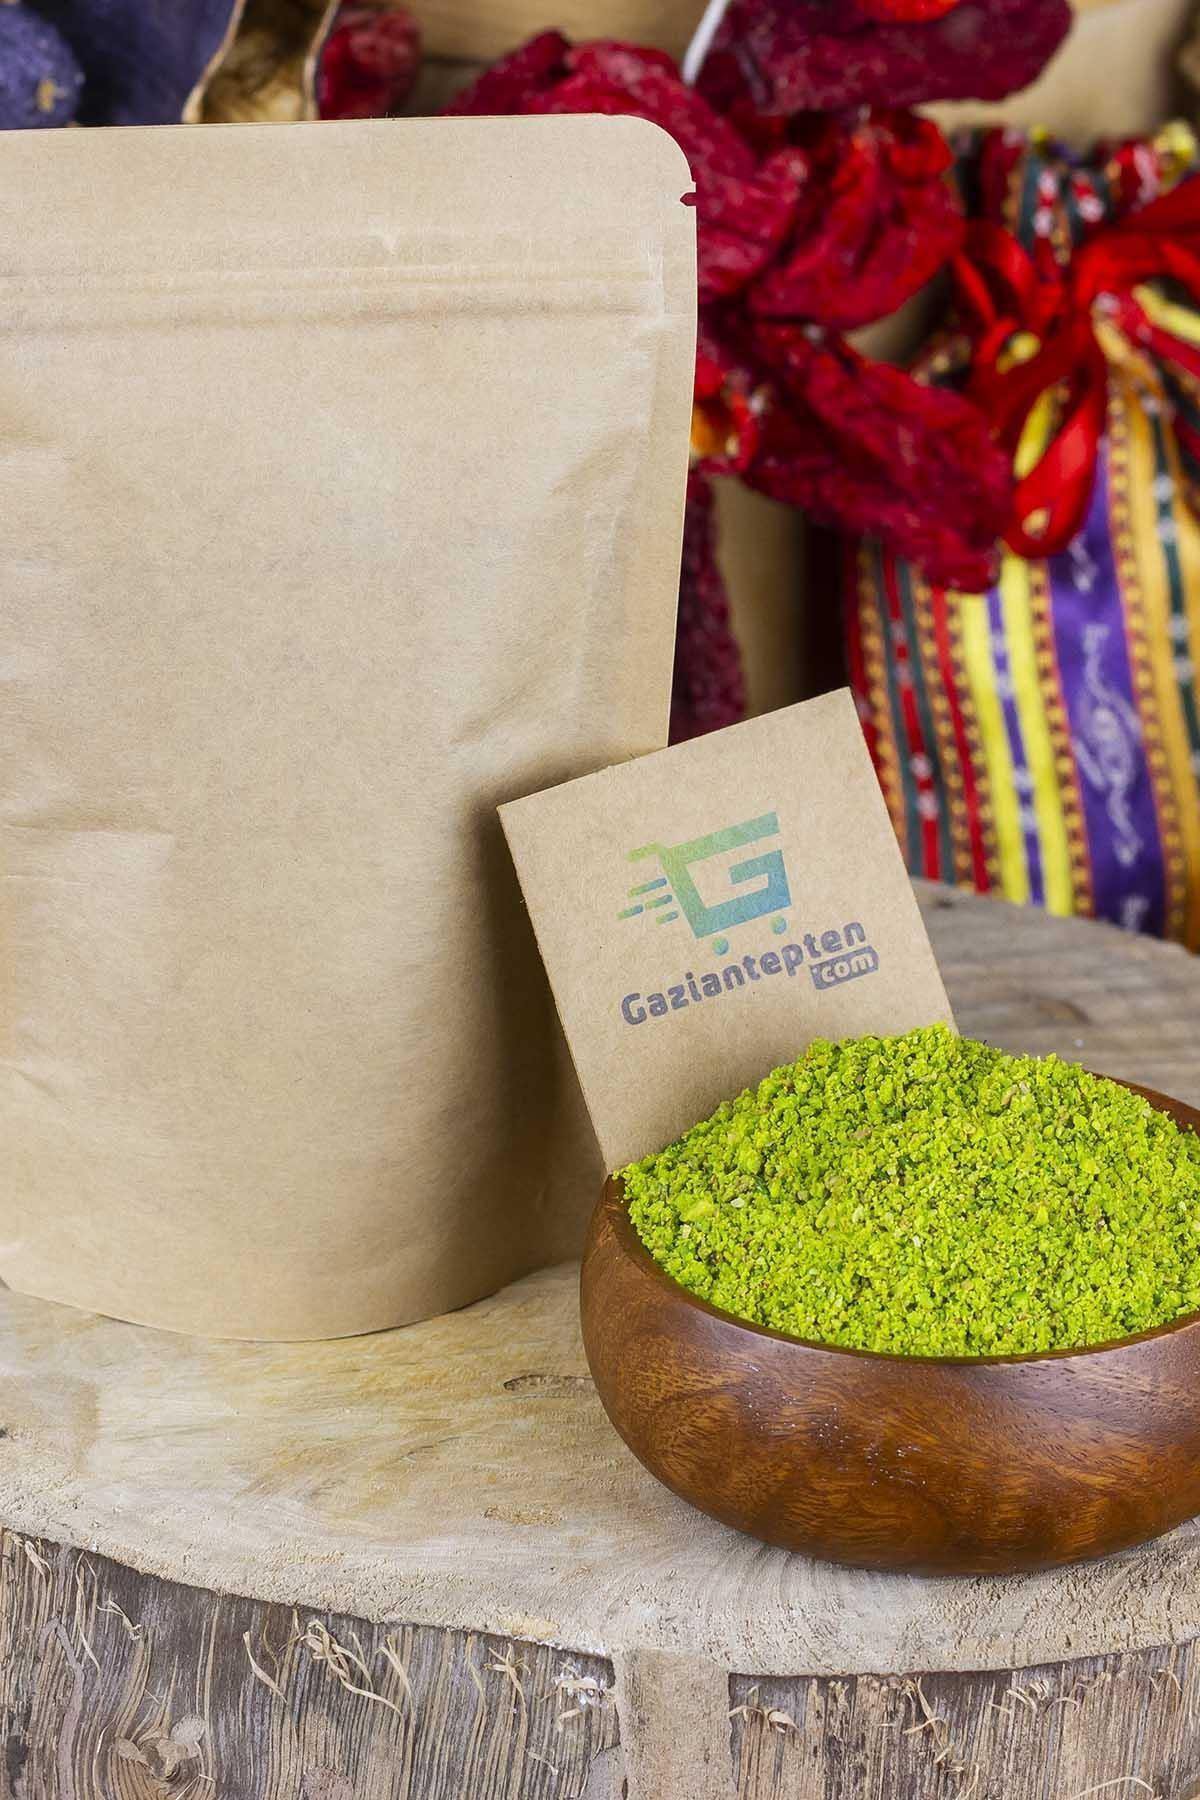 Gaziantepten Antep Fıstığı Boz Yeşil Iç Toz 250 Gr 1